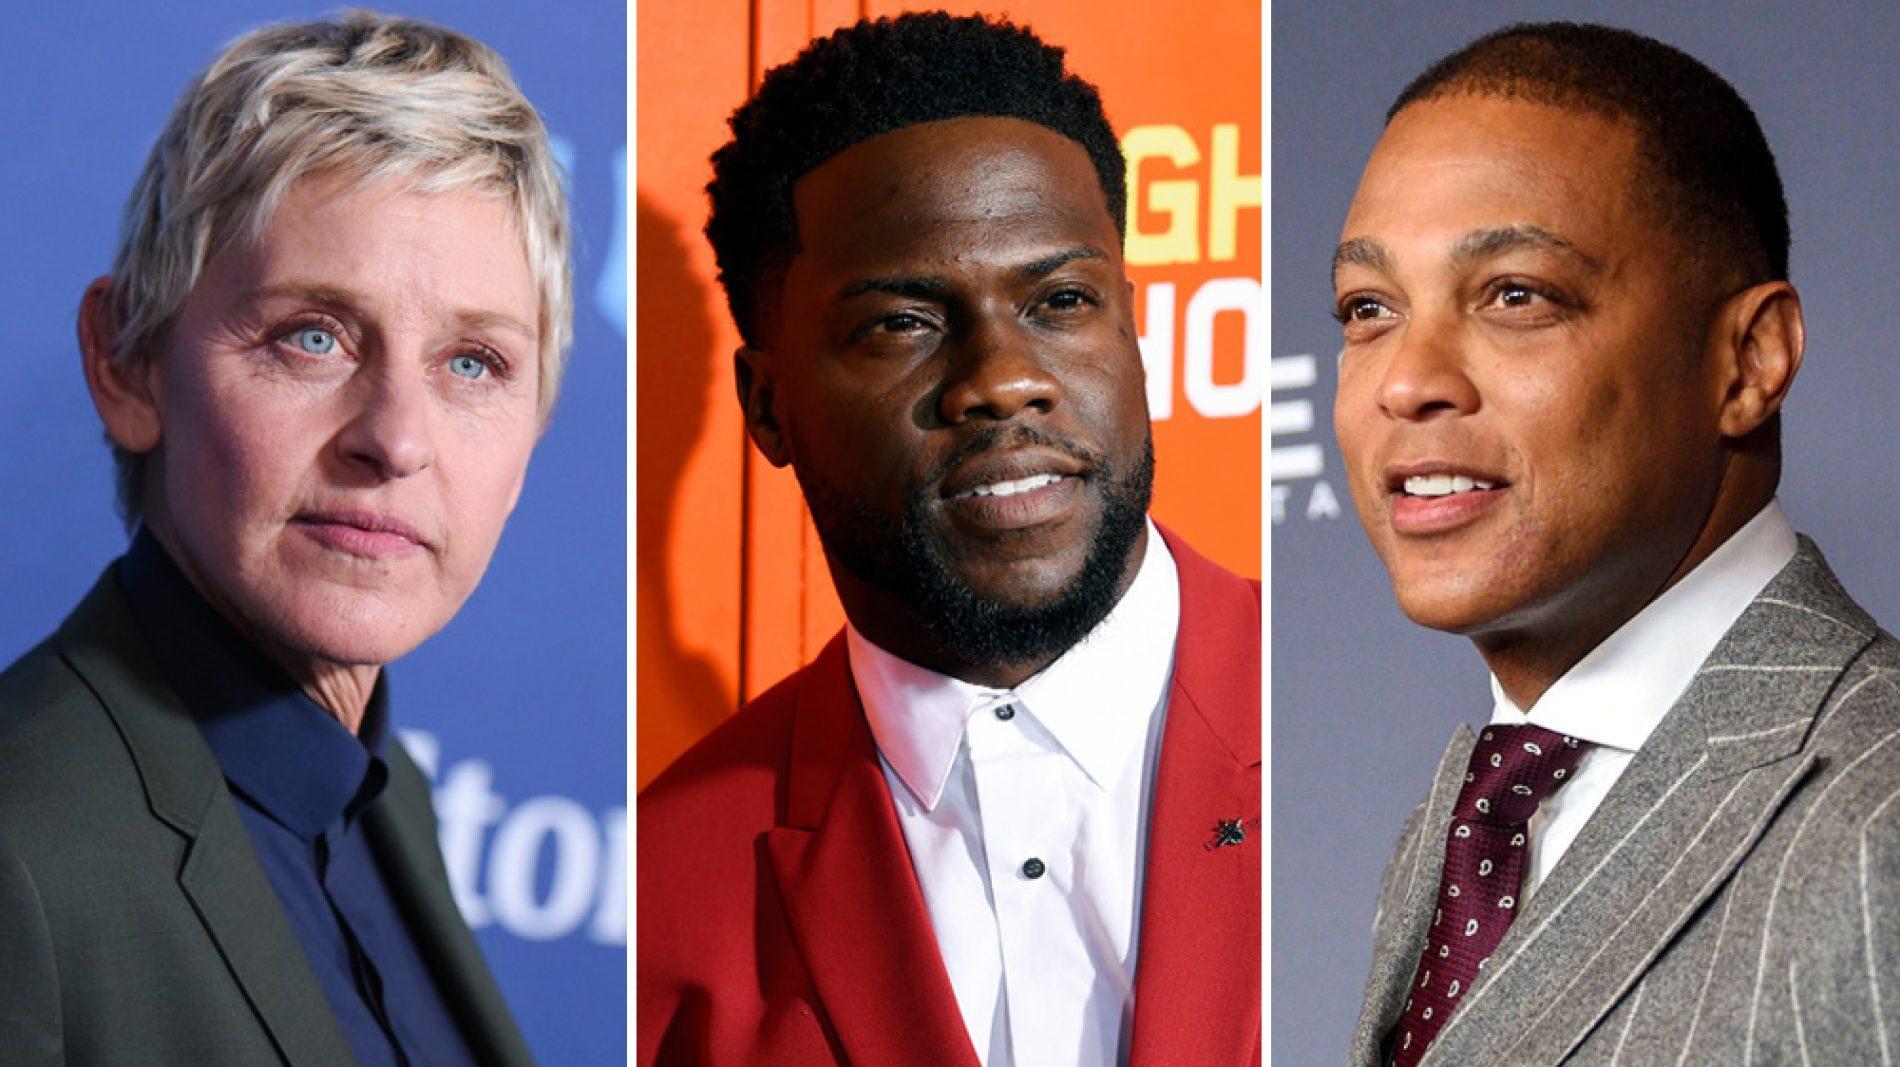 Ellen DeGeneres Faces Backlash After Defending Kevin Hart During Interview | Don Lemon Criticizes Kevin Hart For Making Himself The Victim Instead Of LGBT Community